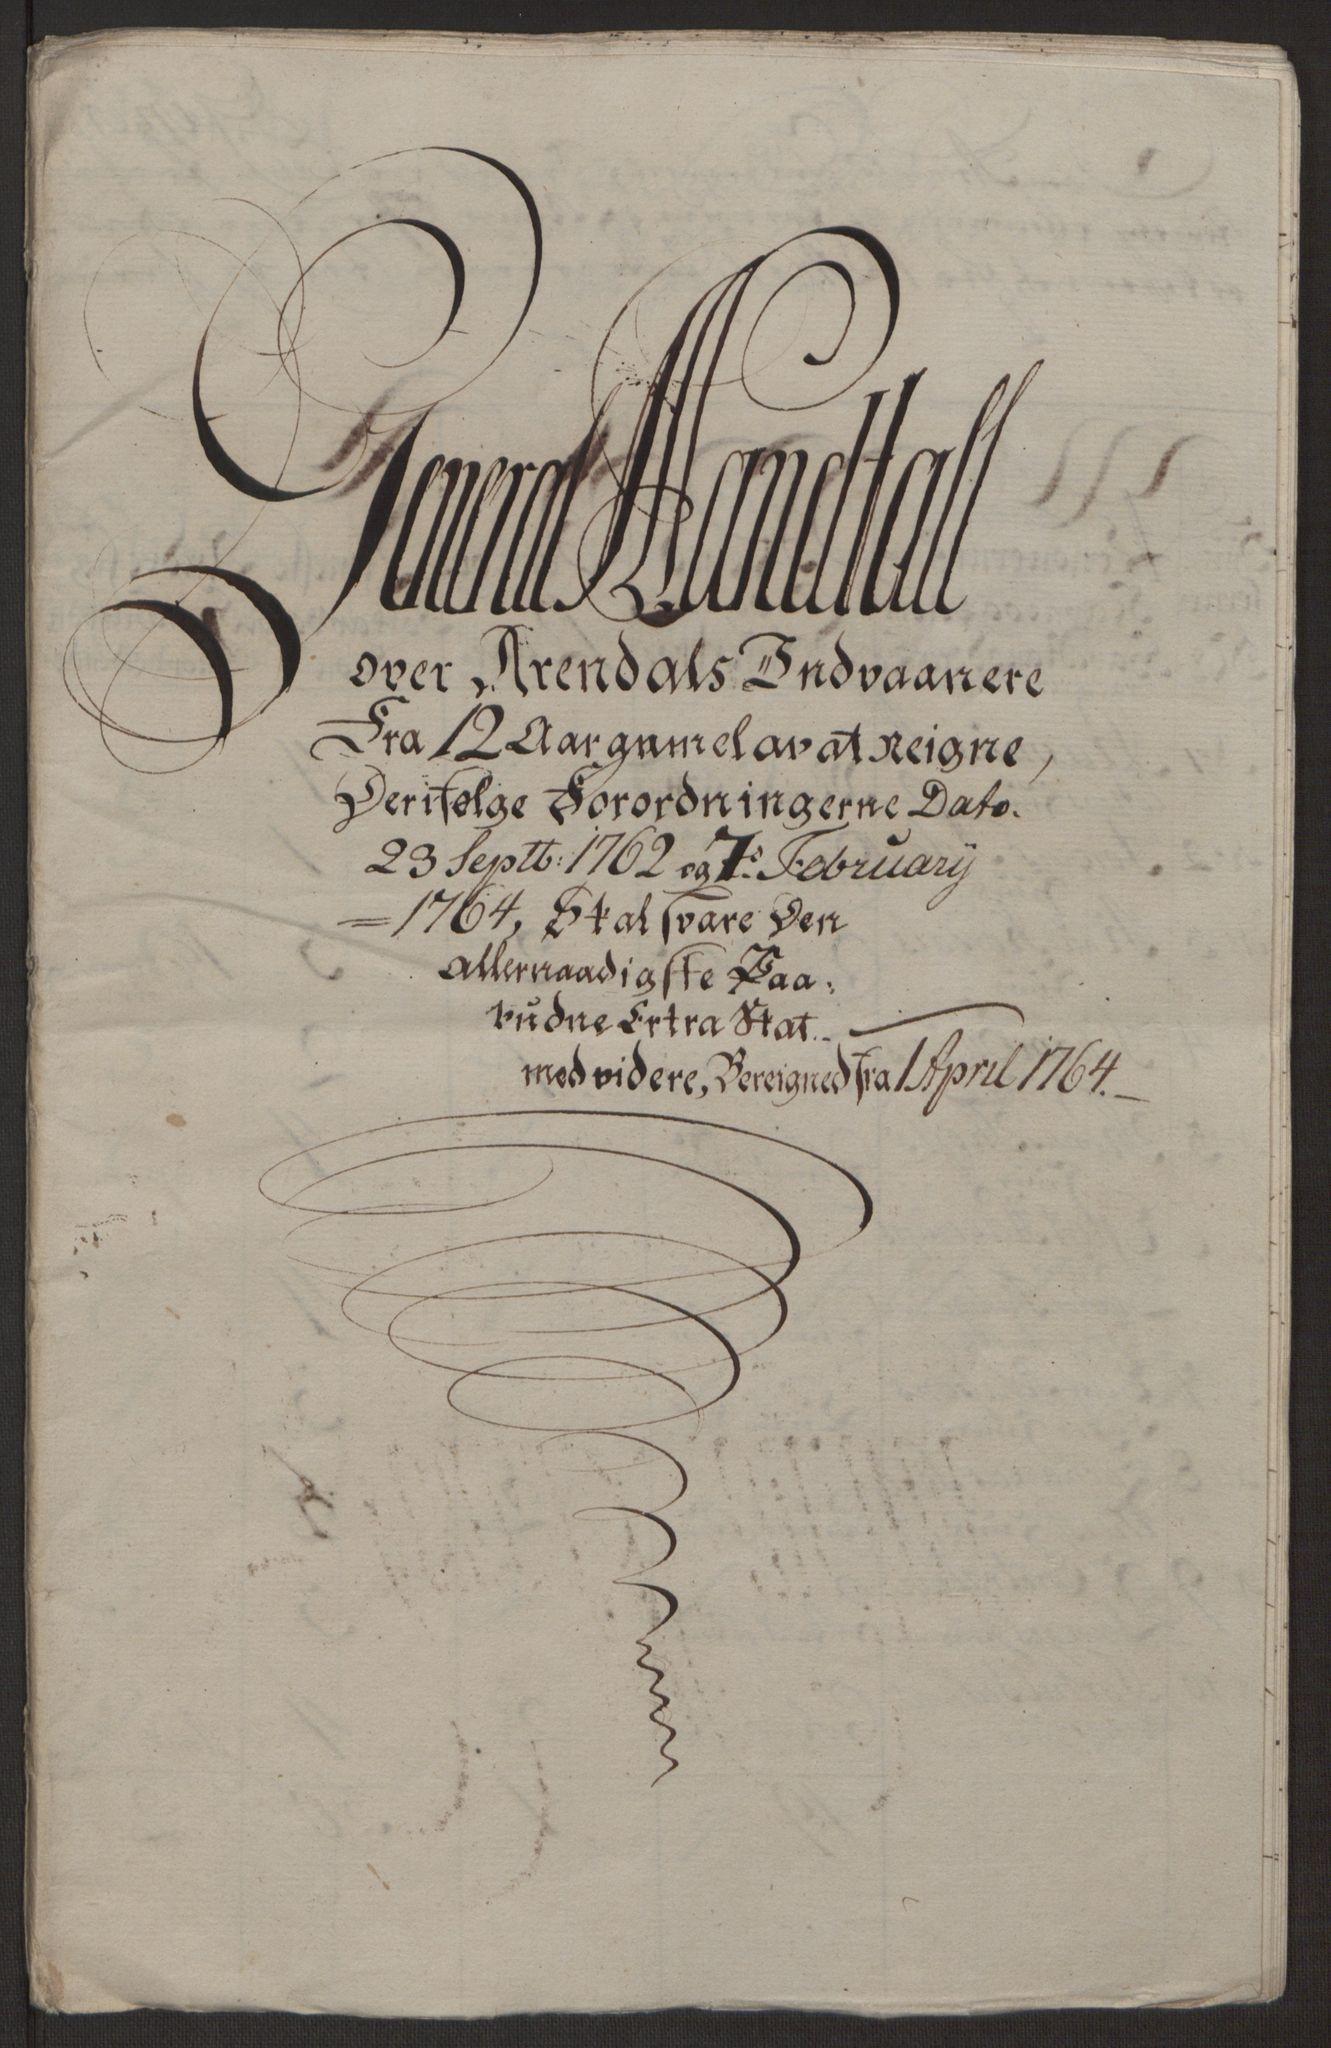 RA, Rentekammeret inntil 1814, Reviderte regnskaper, Byregnskaper, R/Rl/L0230: [L4] Kontribusjonsregnskap, 1762-1764, s. 474